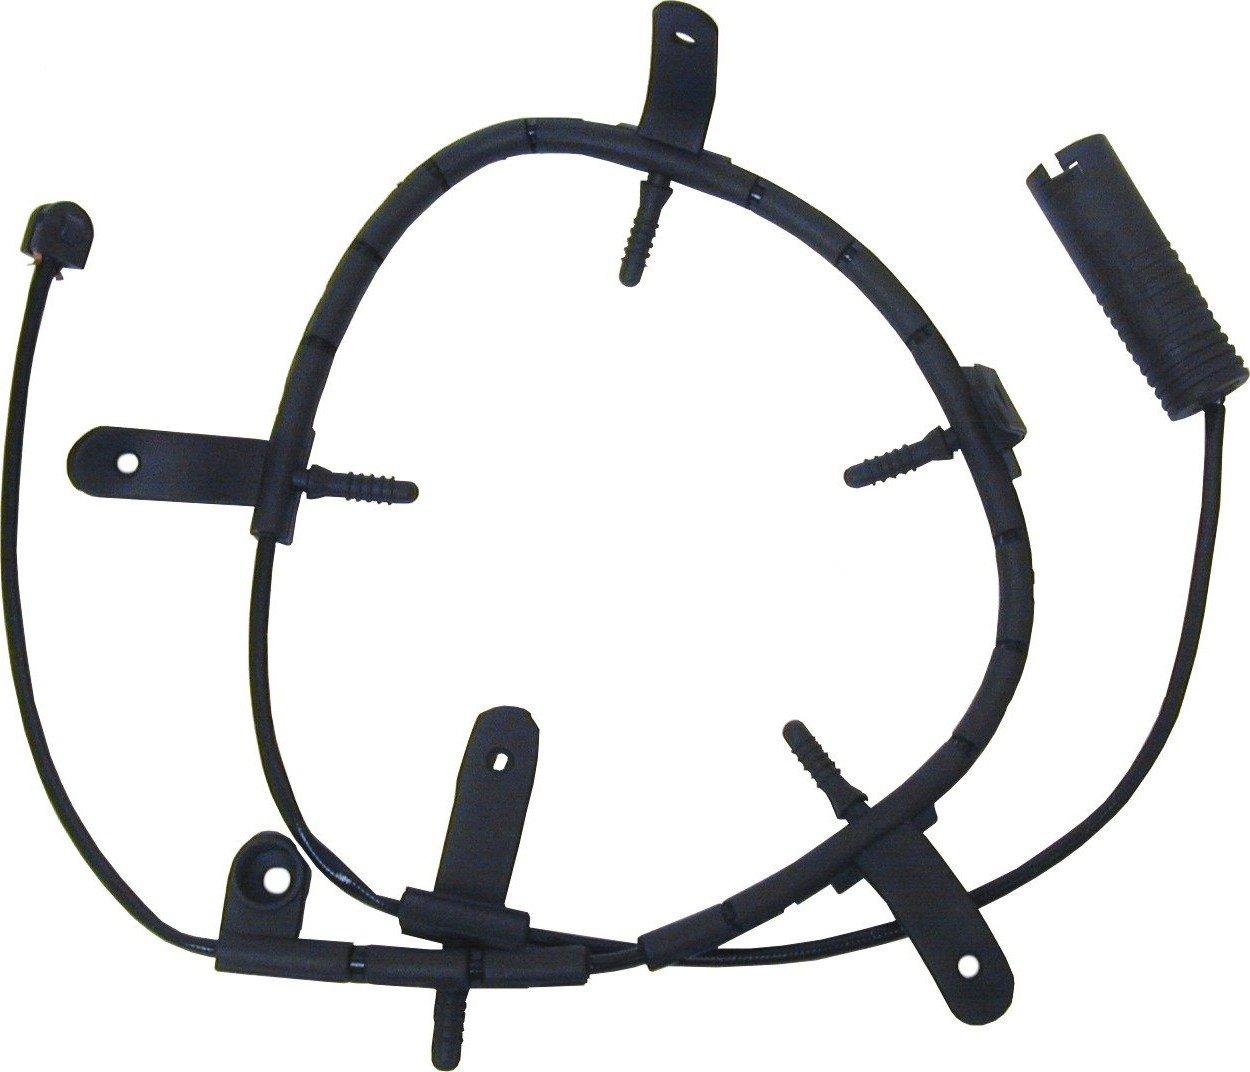 URO Parts 34 35 6 778 175 Front Brake Pad Sensor